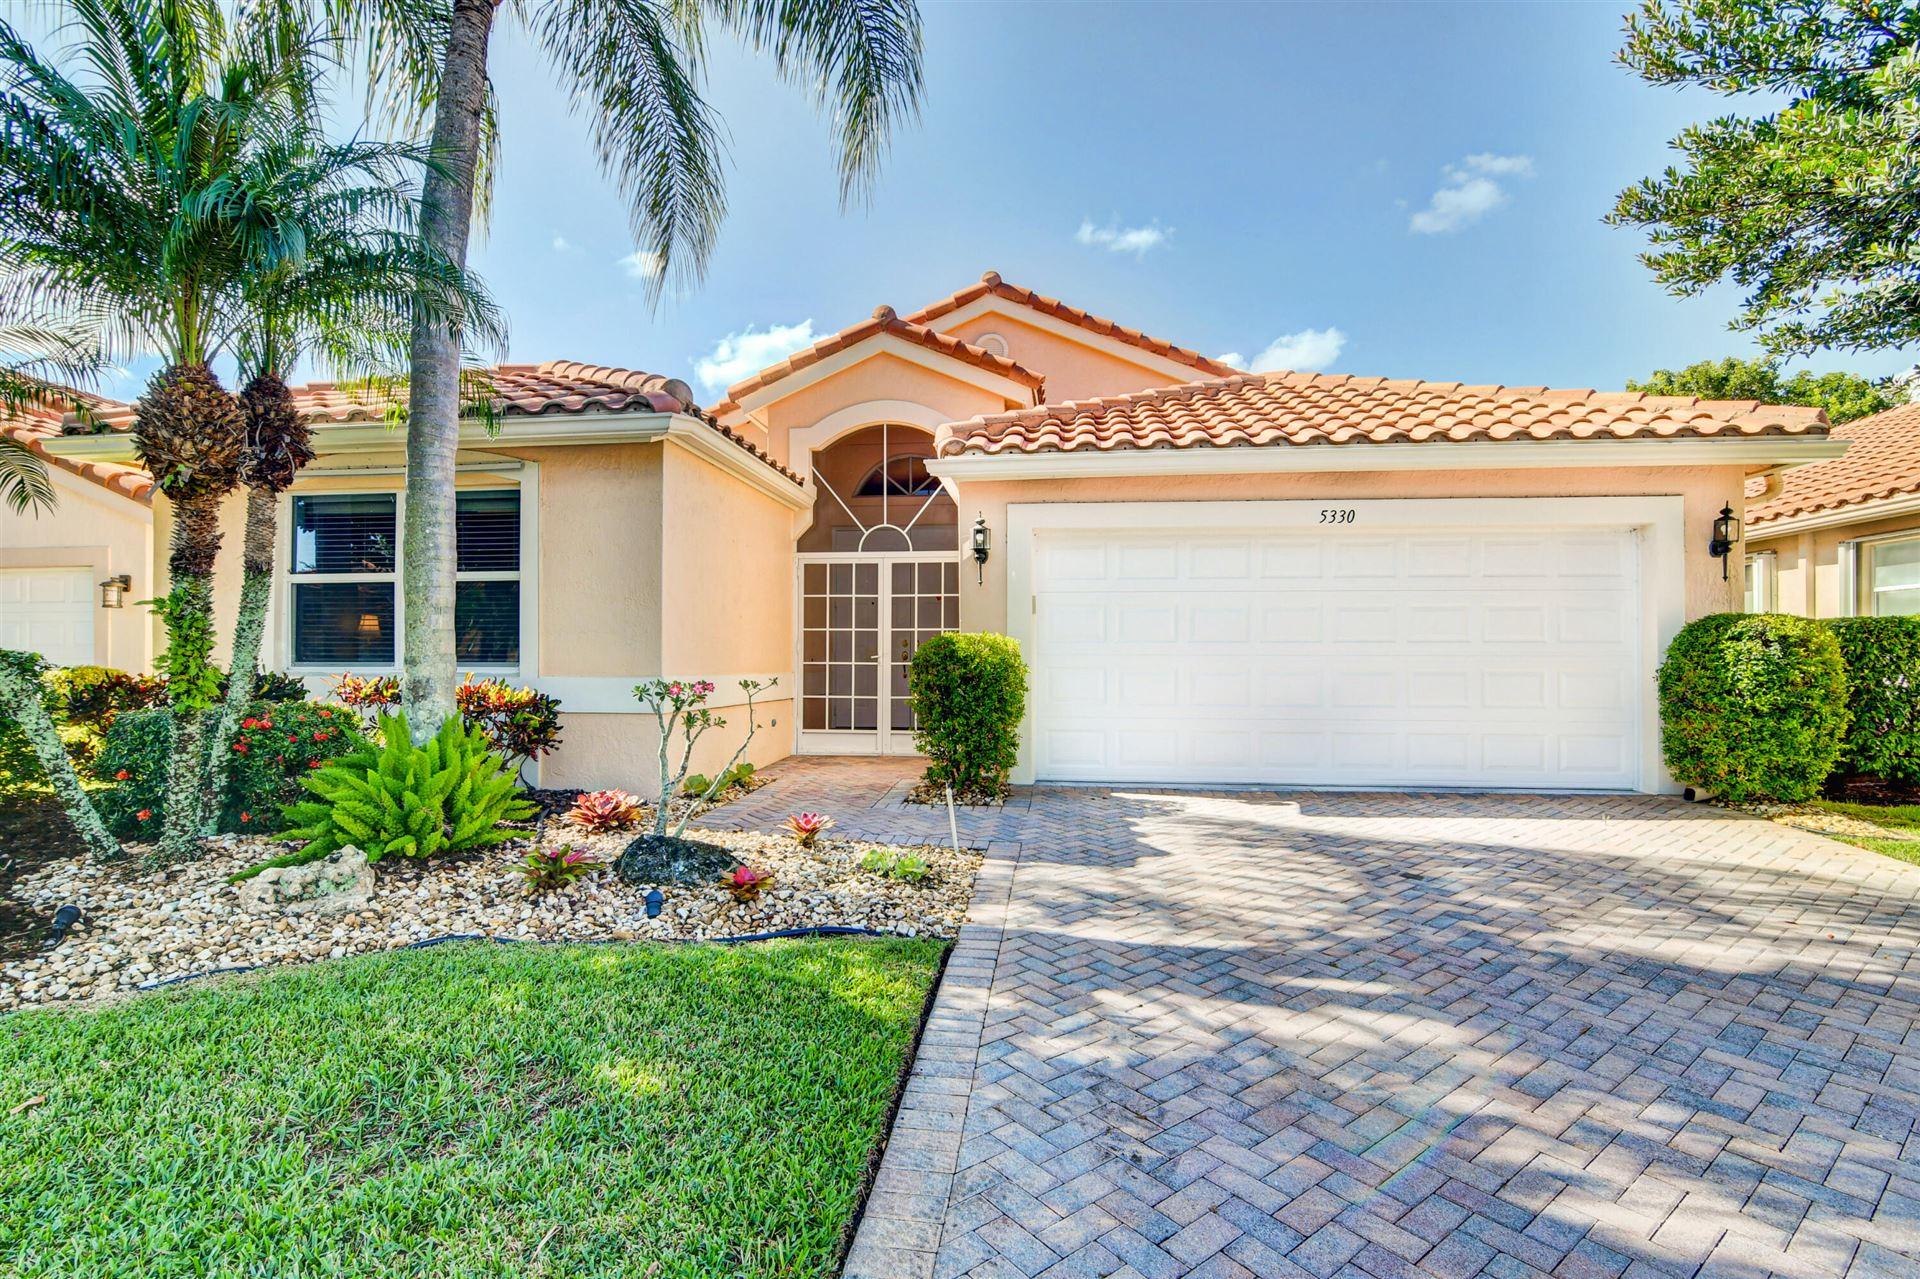 5330 Grey Birch Lane, Boynton Beach, FL 33437 - MLS#: RX-10739992